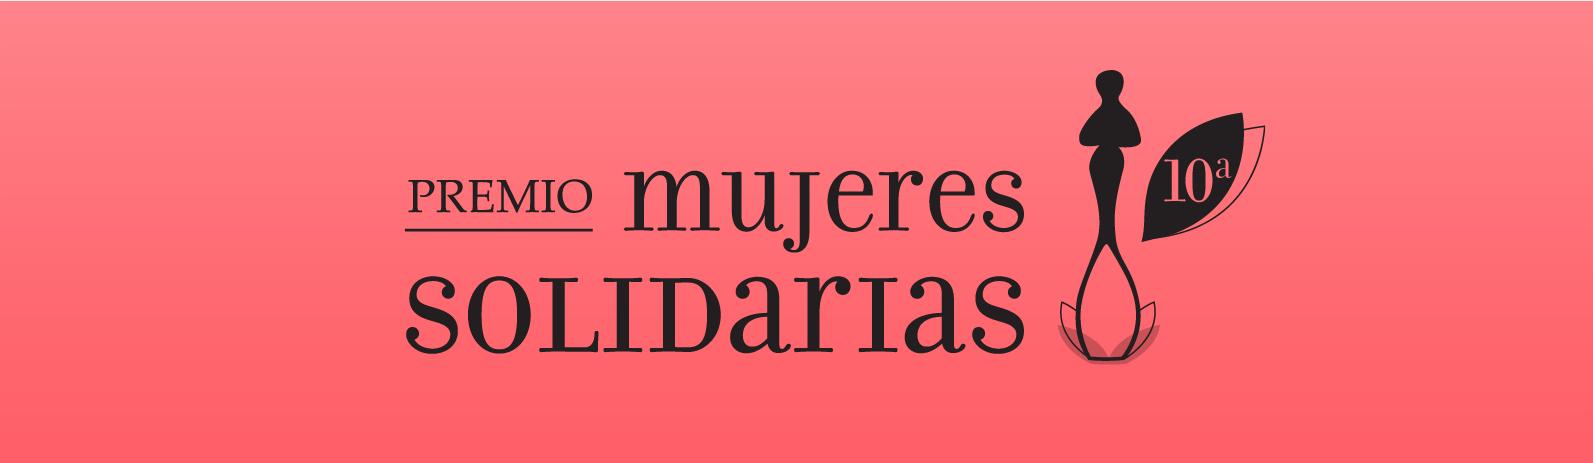 Premio Muejeres Solidarias